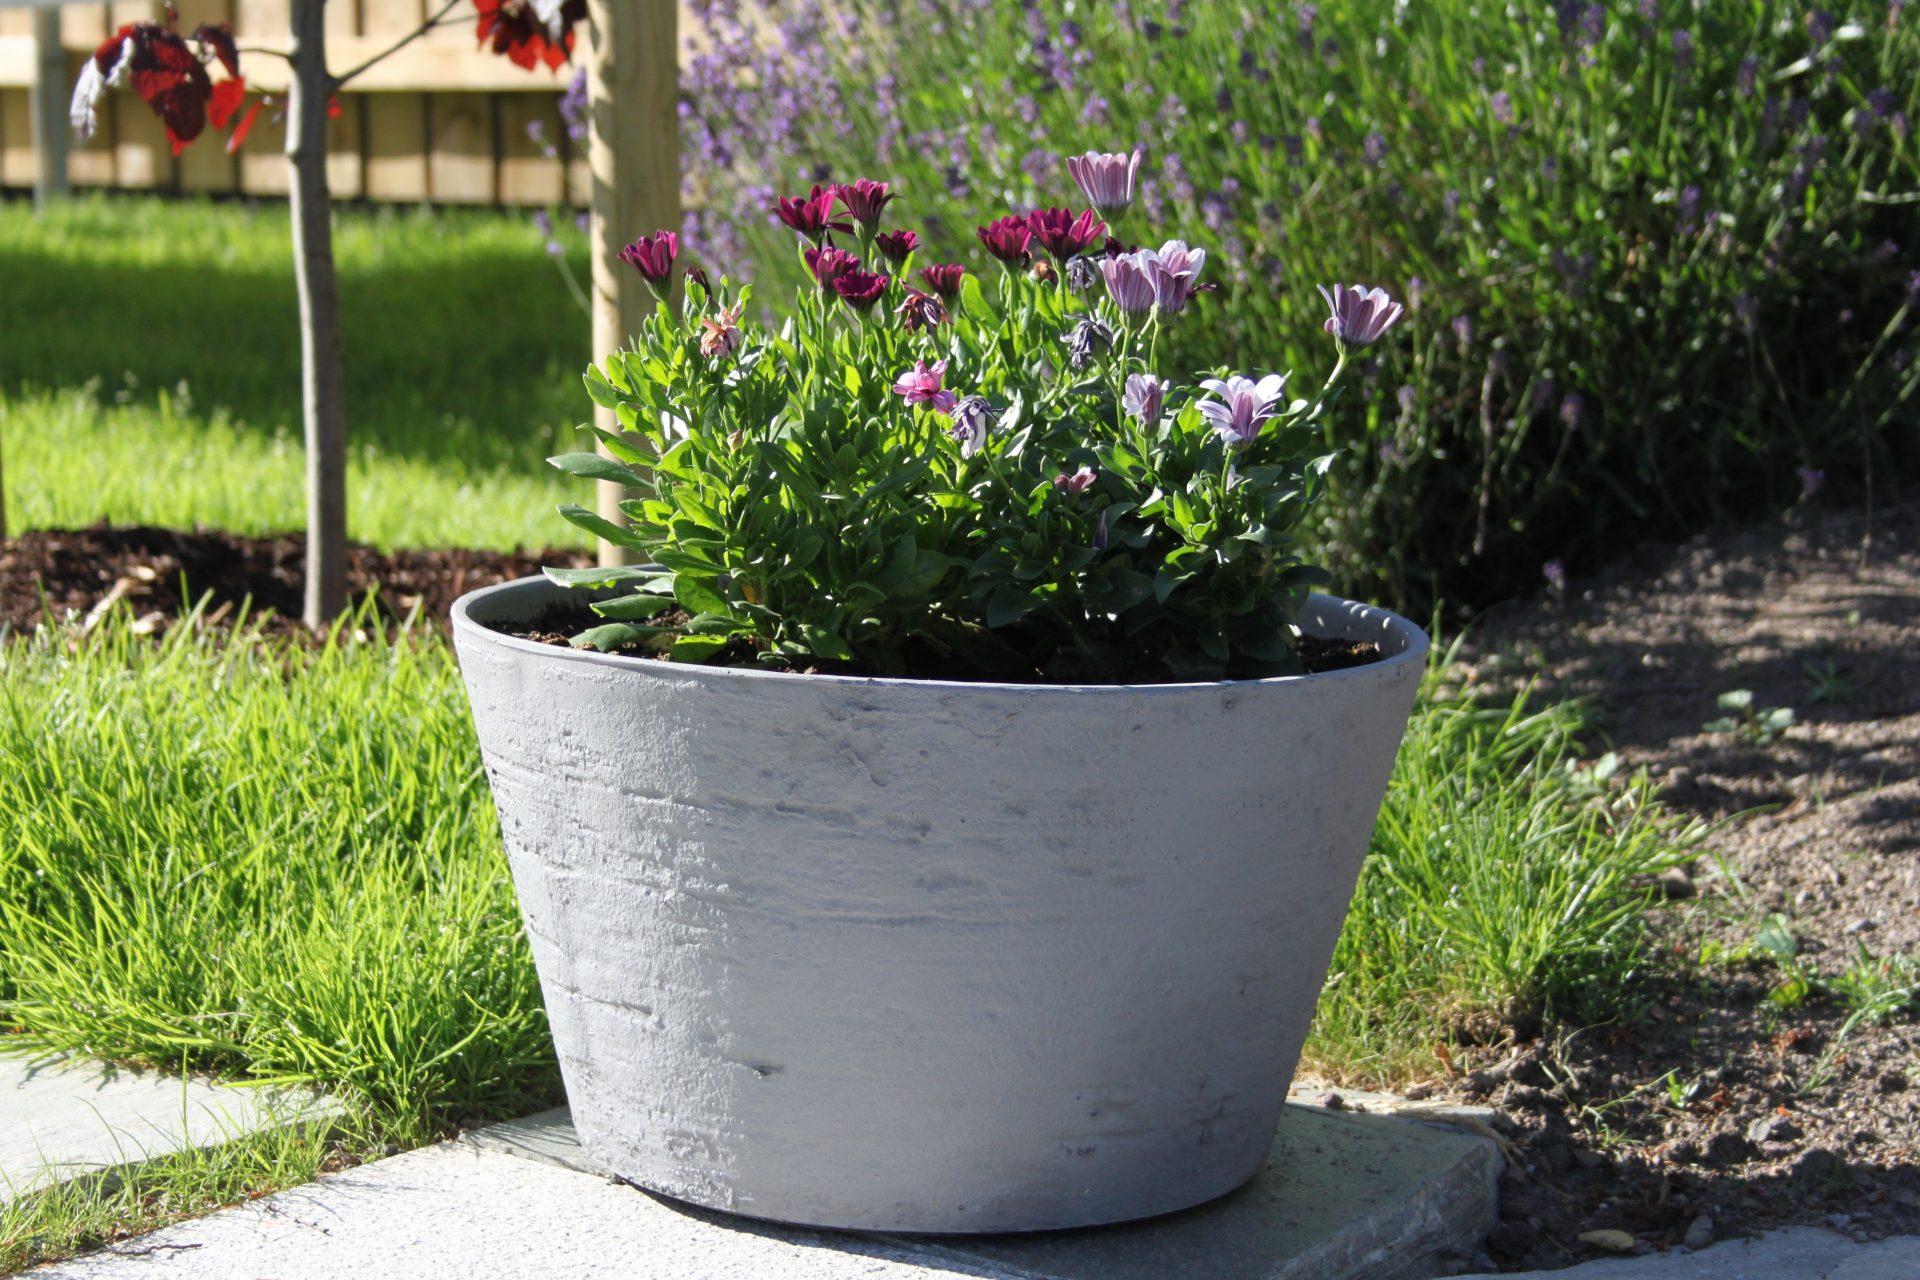 Planting i krukker